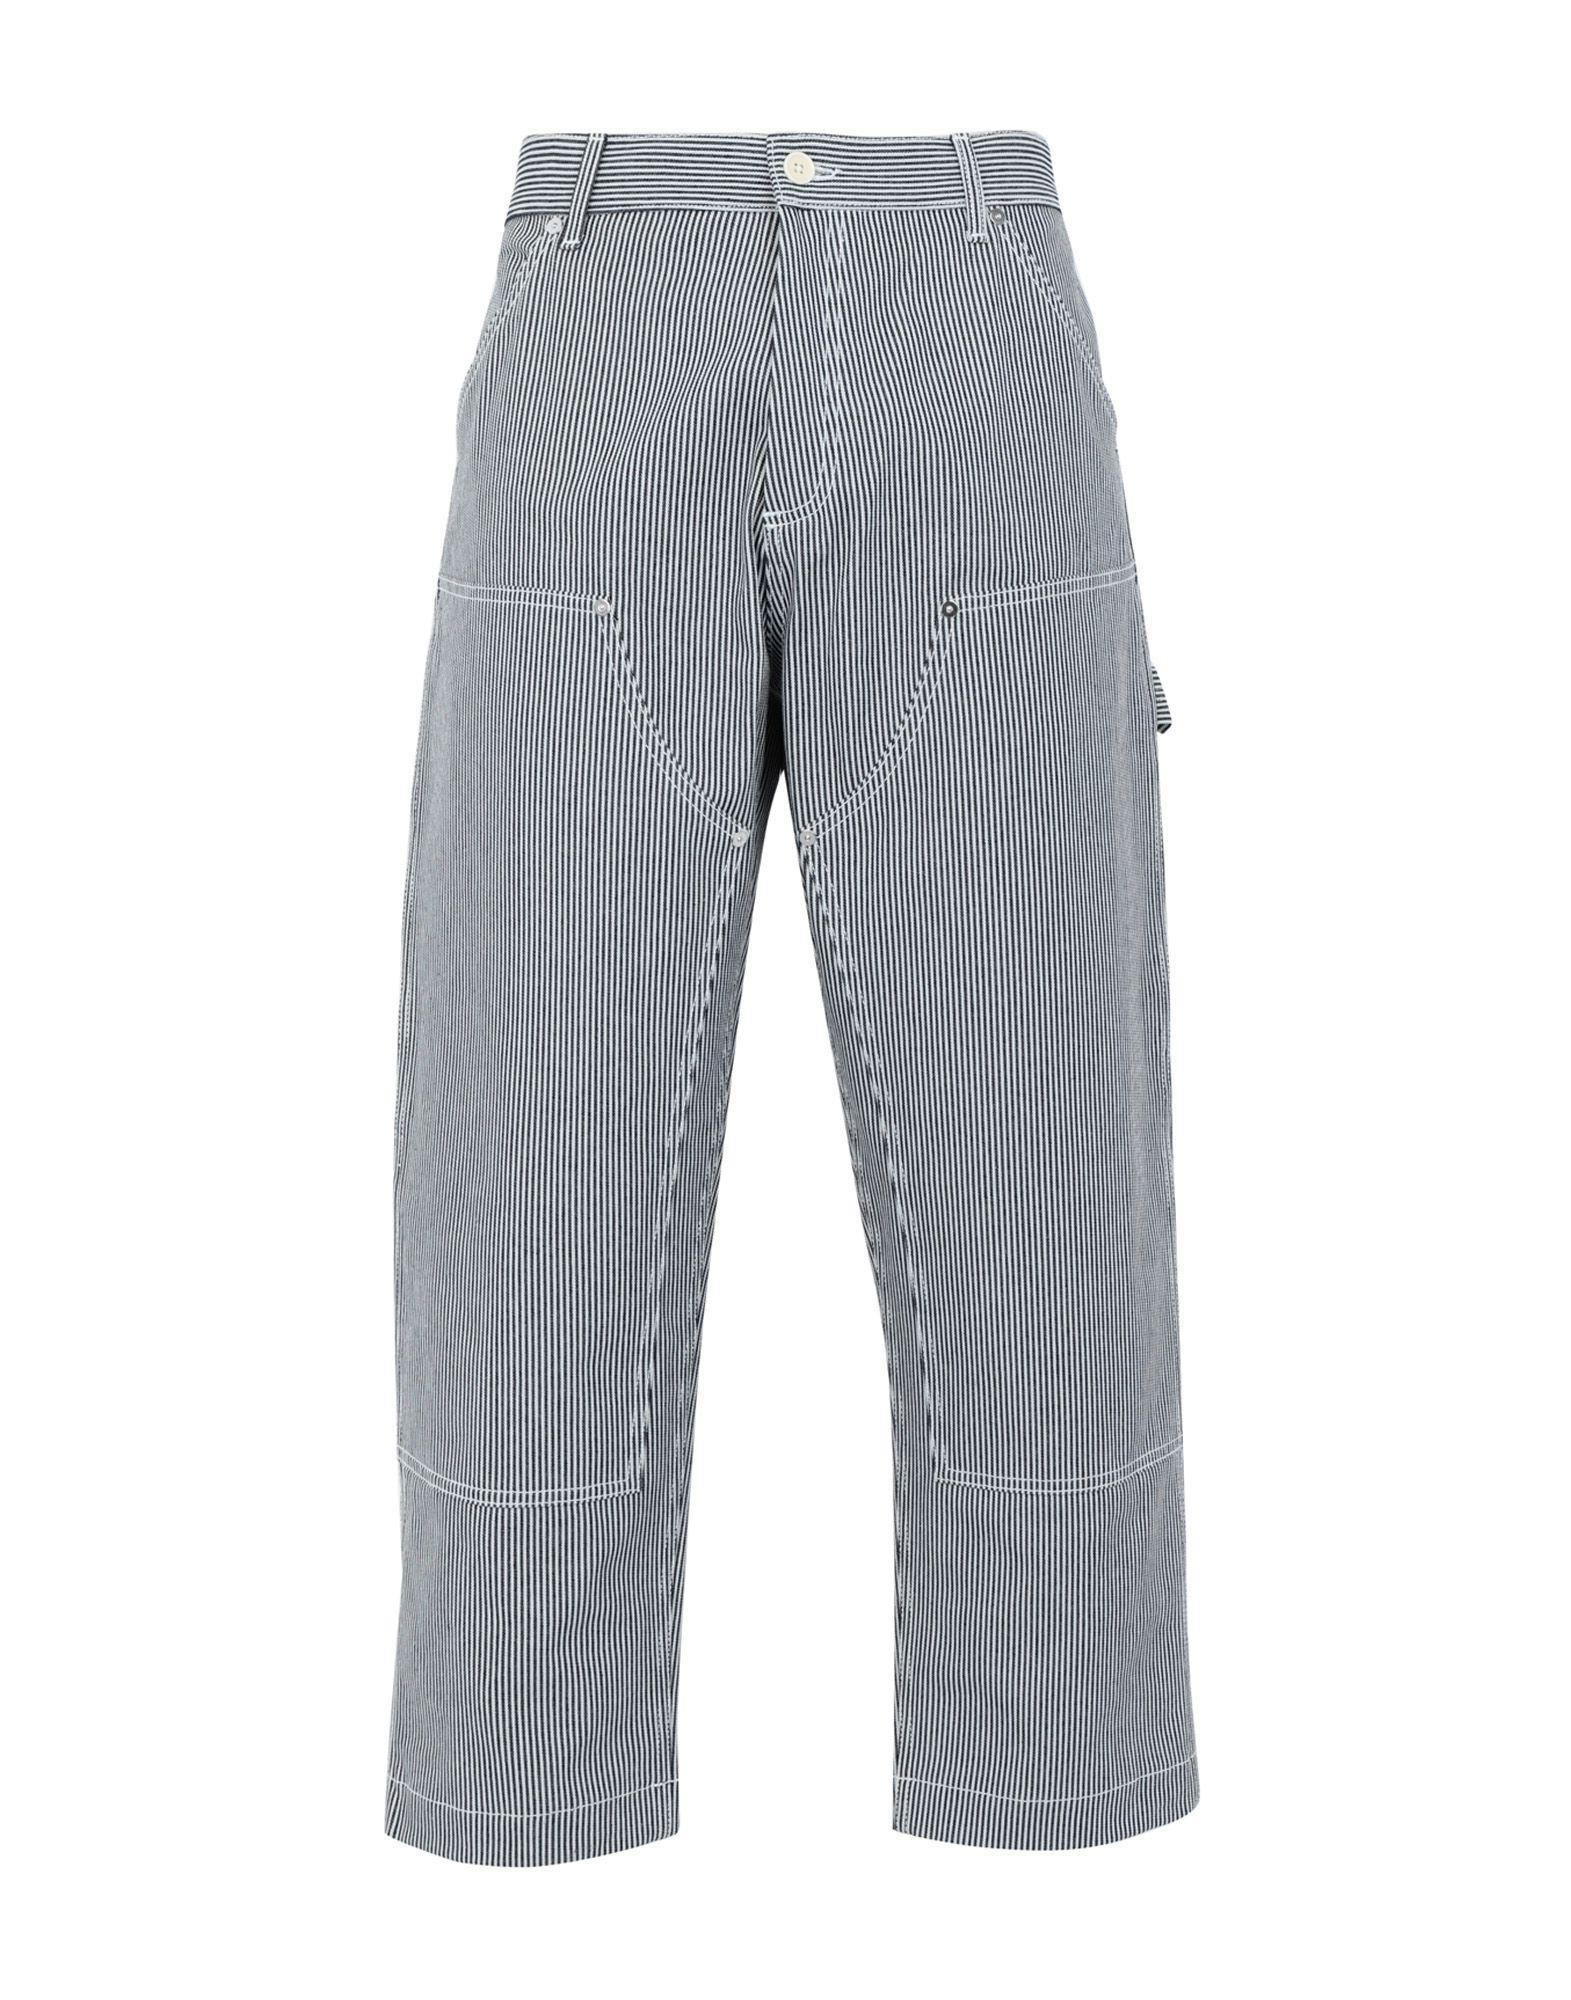 Cargo Lc23 Work Trousers - herren - 13342508DS